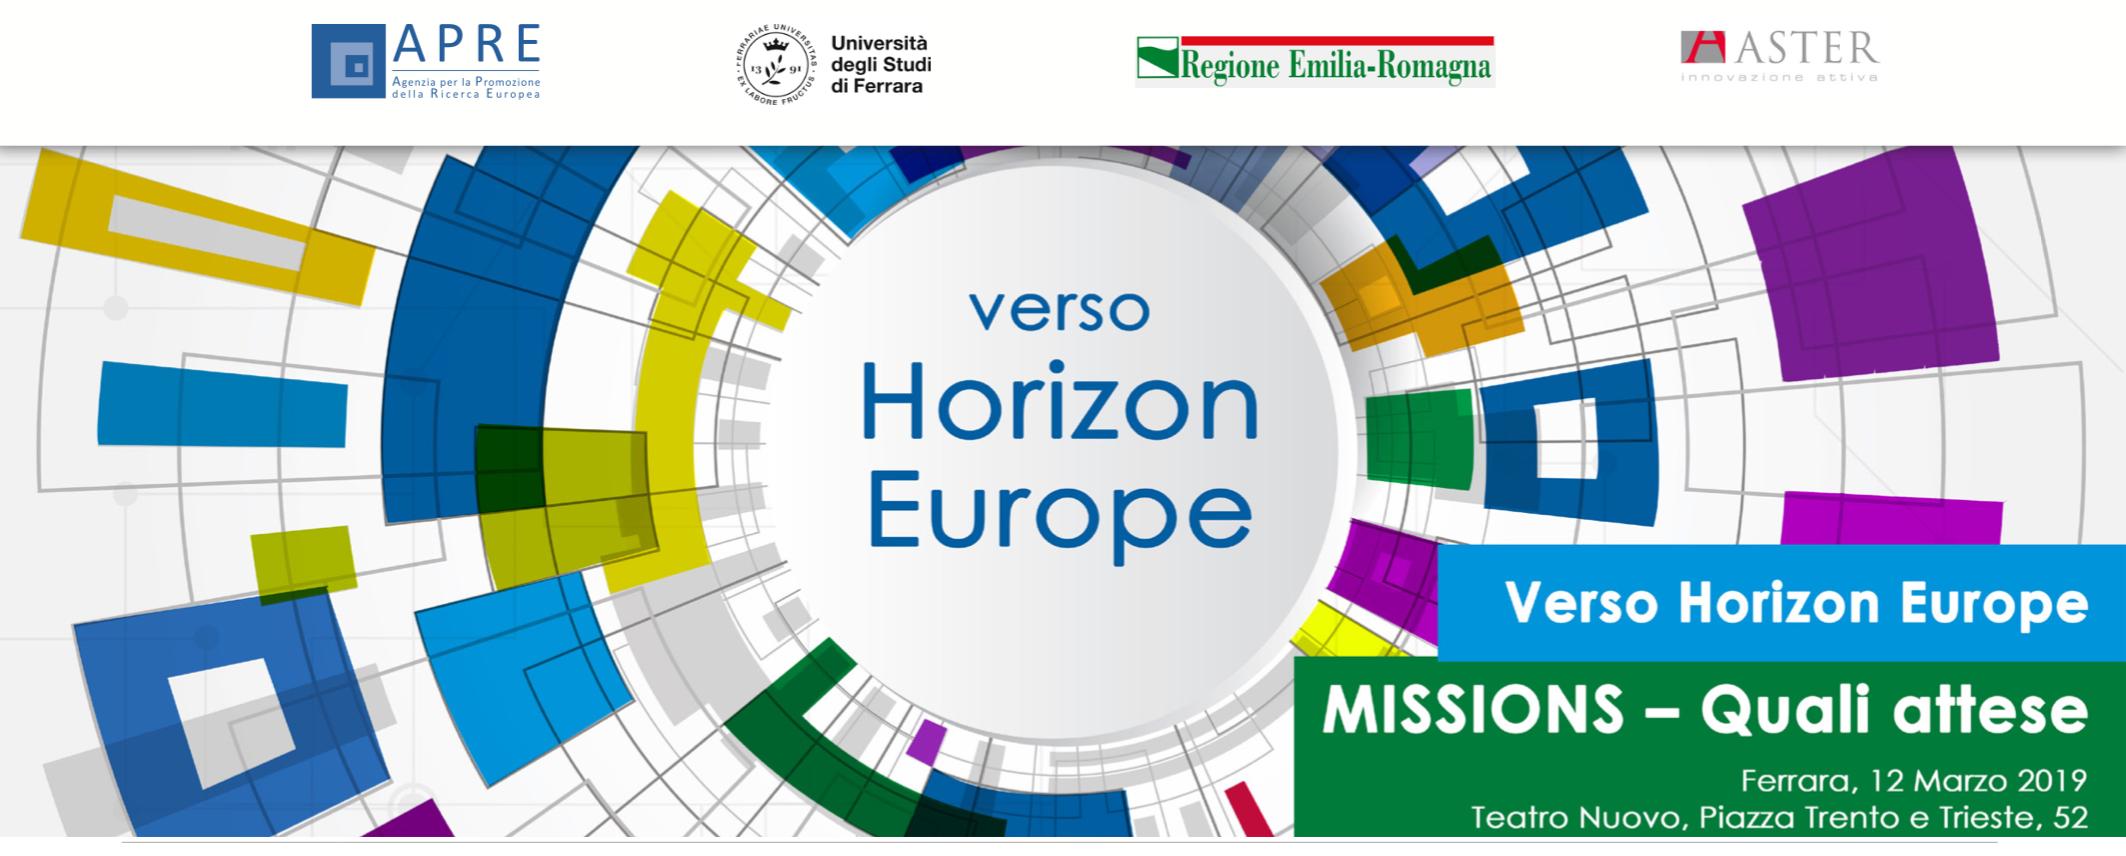 Verso Horizon Europe: il Presidente Muccini tra i relatori